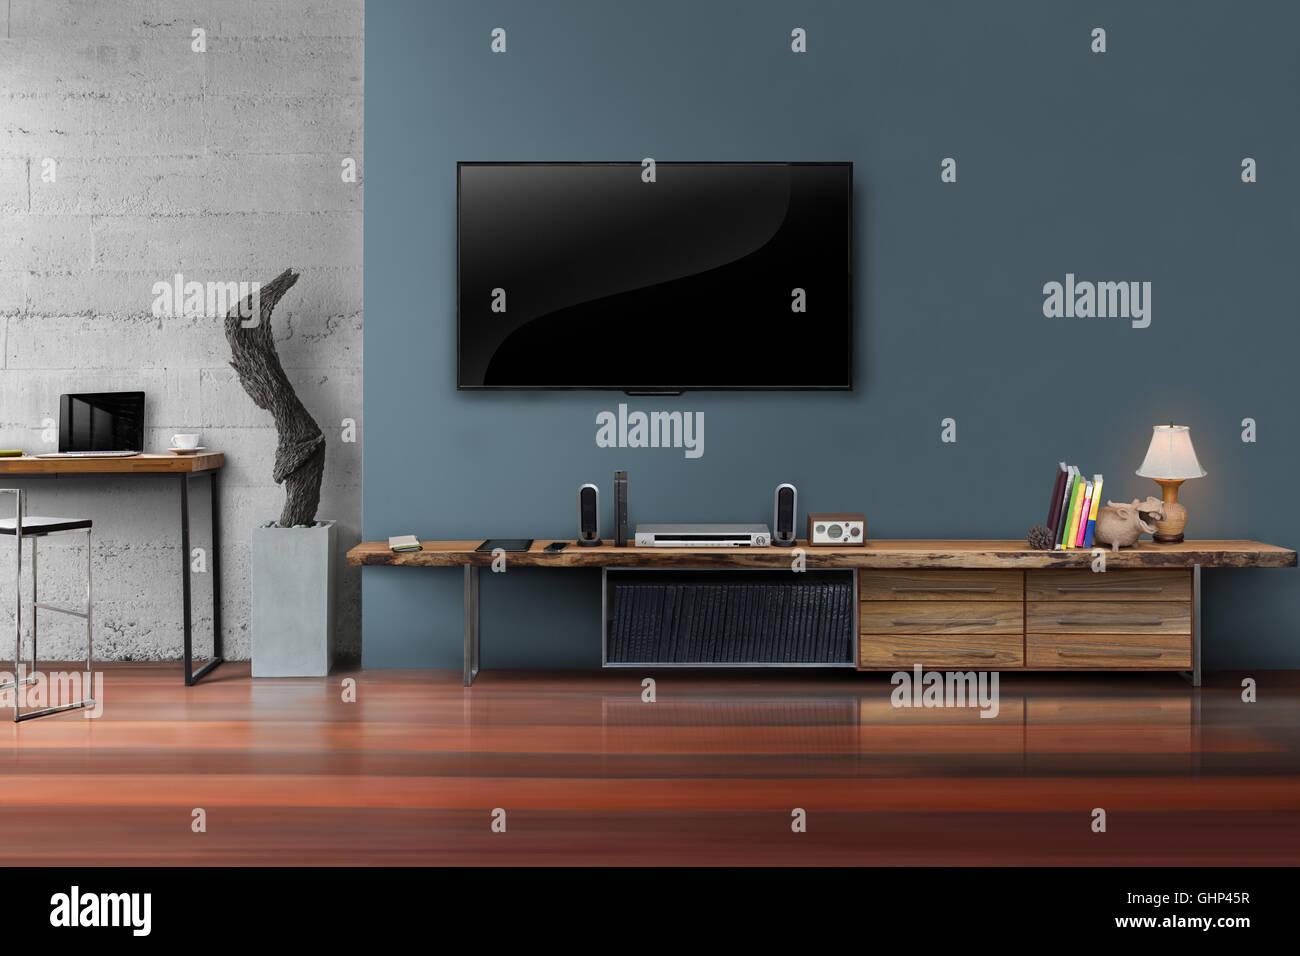 Wohnzimmer Leuchtet Tv Dunkel Blaue Wand Mit Holztisch Medien Möbel Moderne  Loft Stil